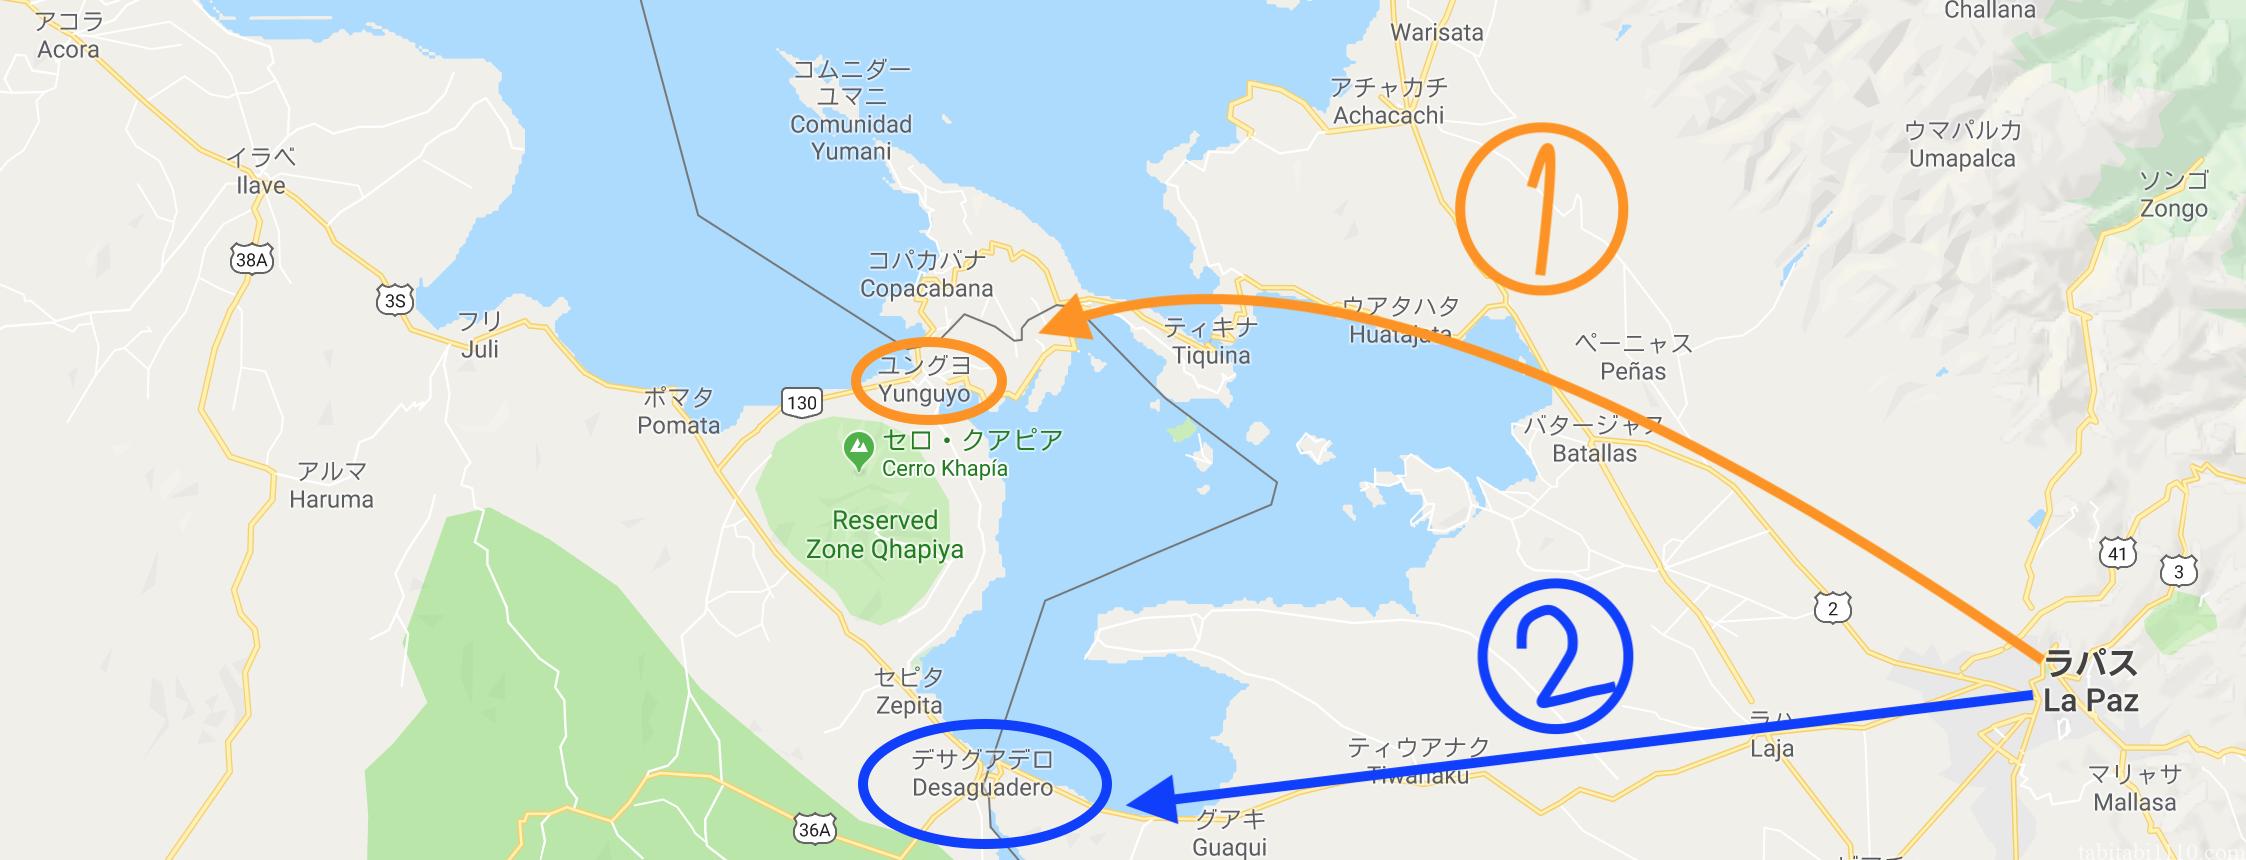 ラパス クスコ 国境越え ルート